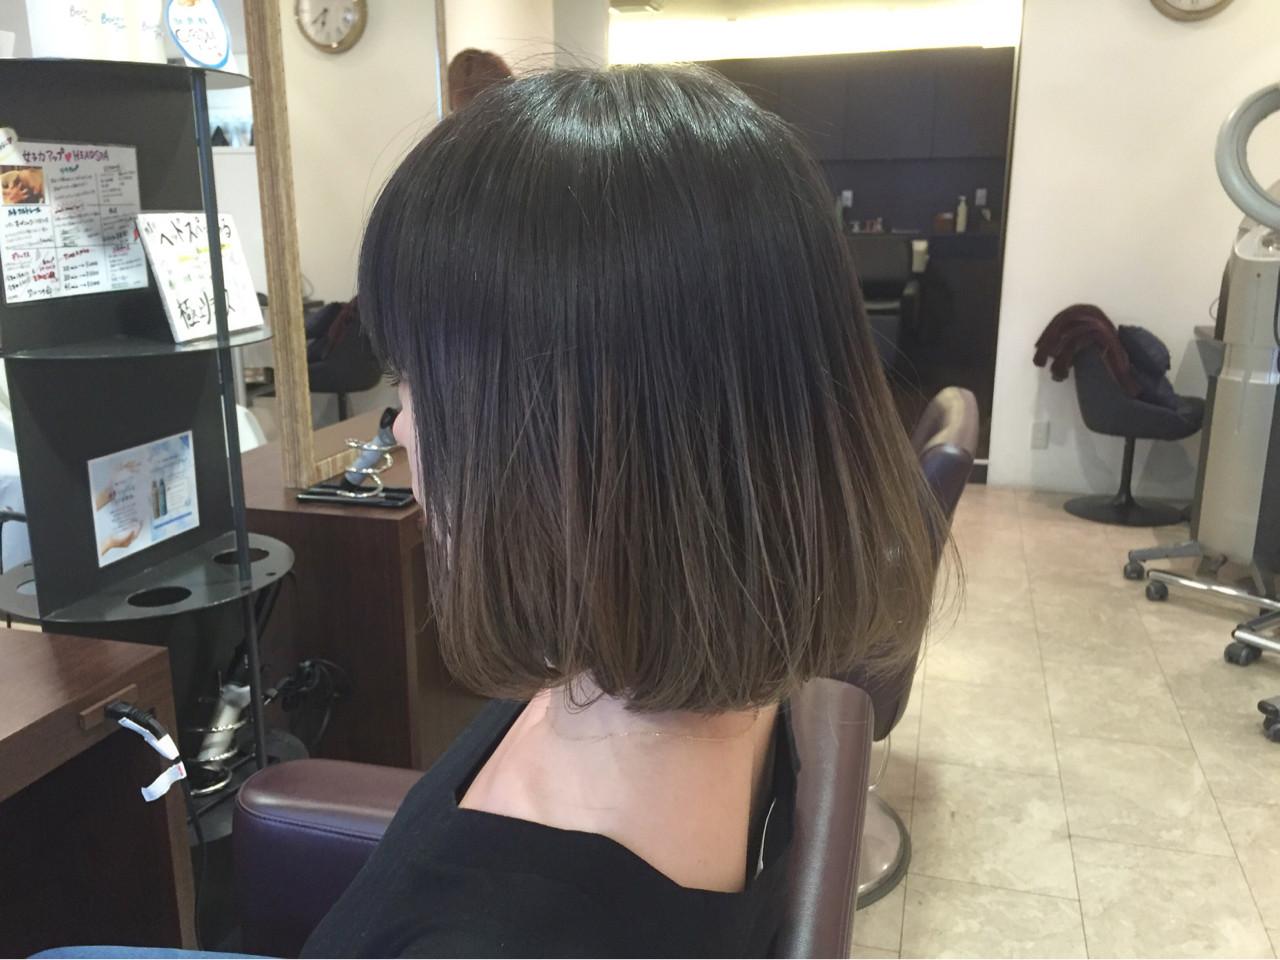 ボブ 暗髪 グラデーションカラー モード ヘアスタイルや髪型の写真・画像